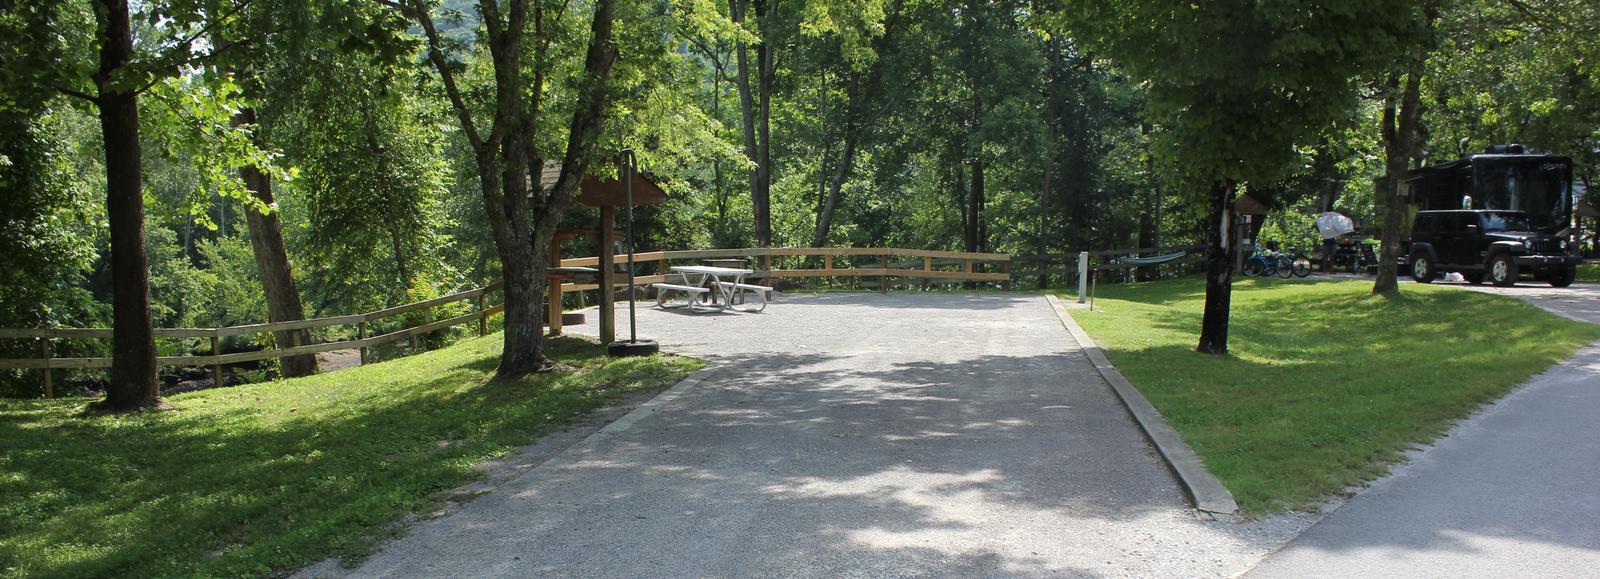 Site 04- Entrance